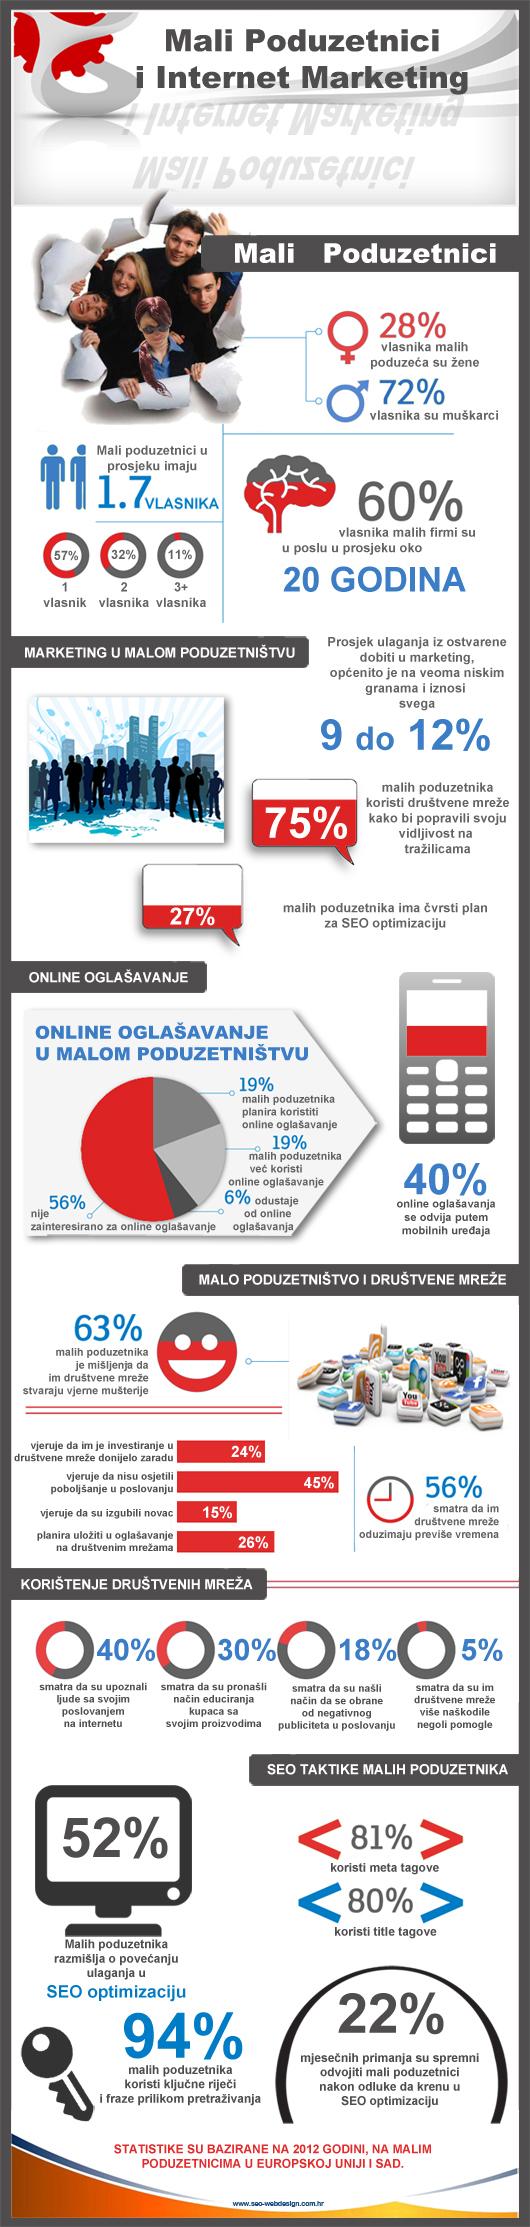 mali poduzetnici, internet oglašavanje i SEO optimizacija